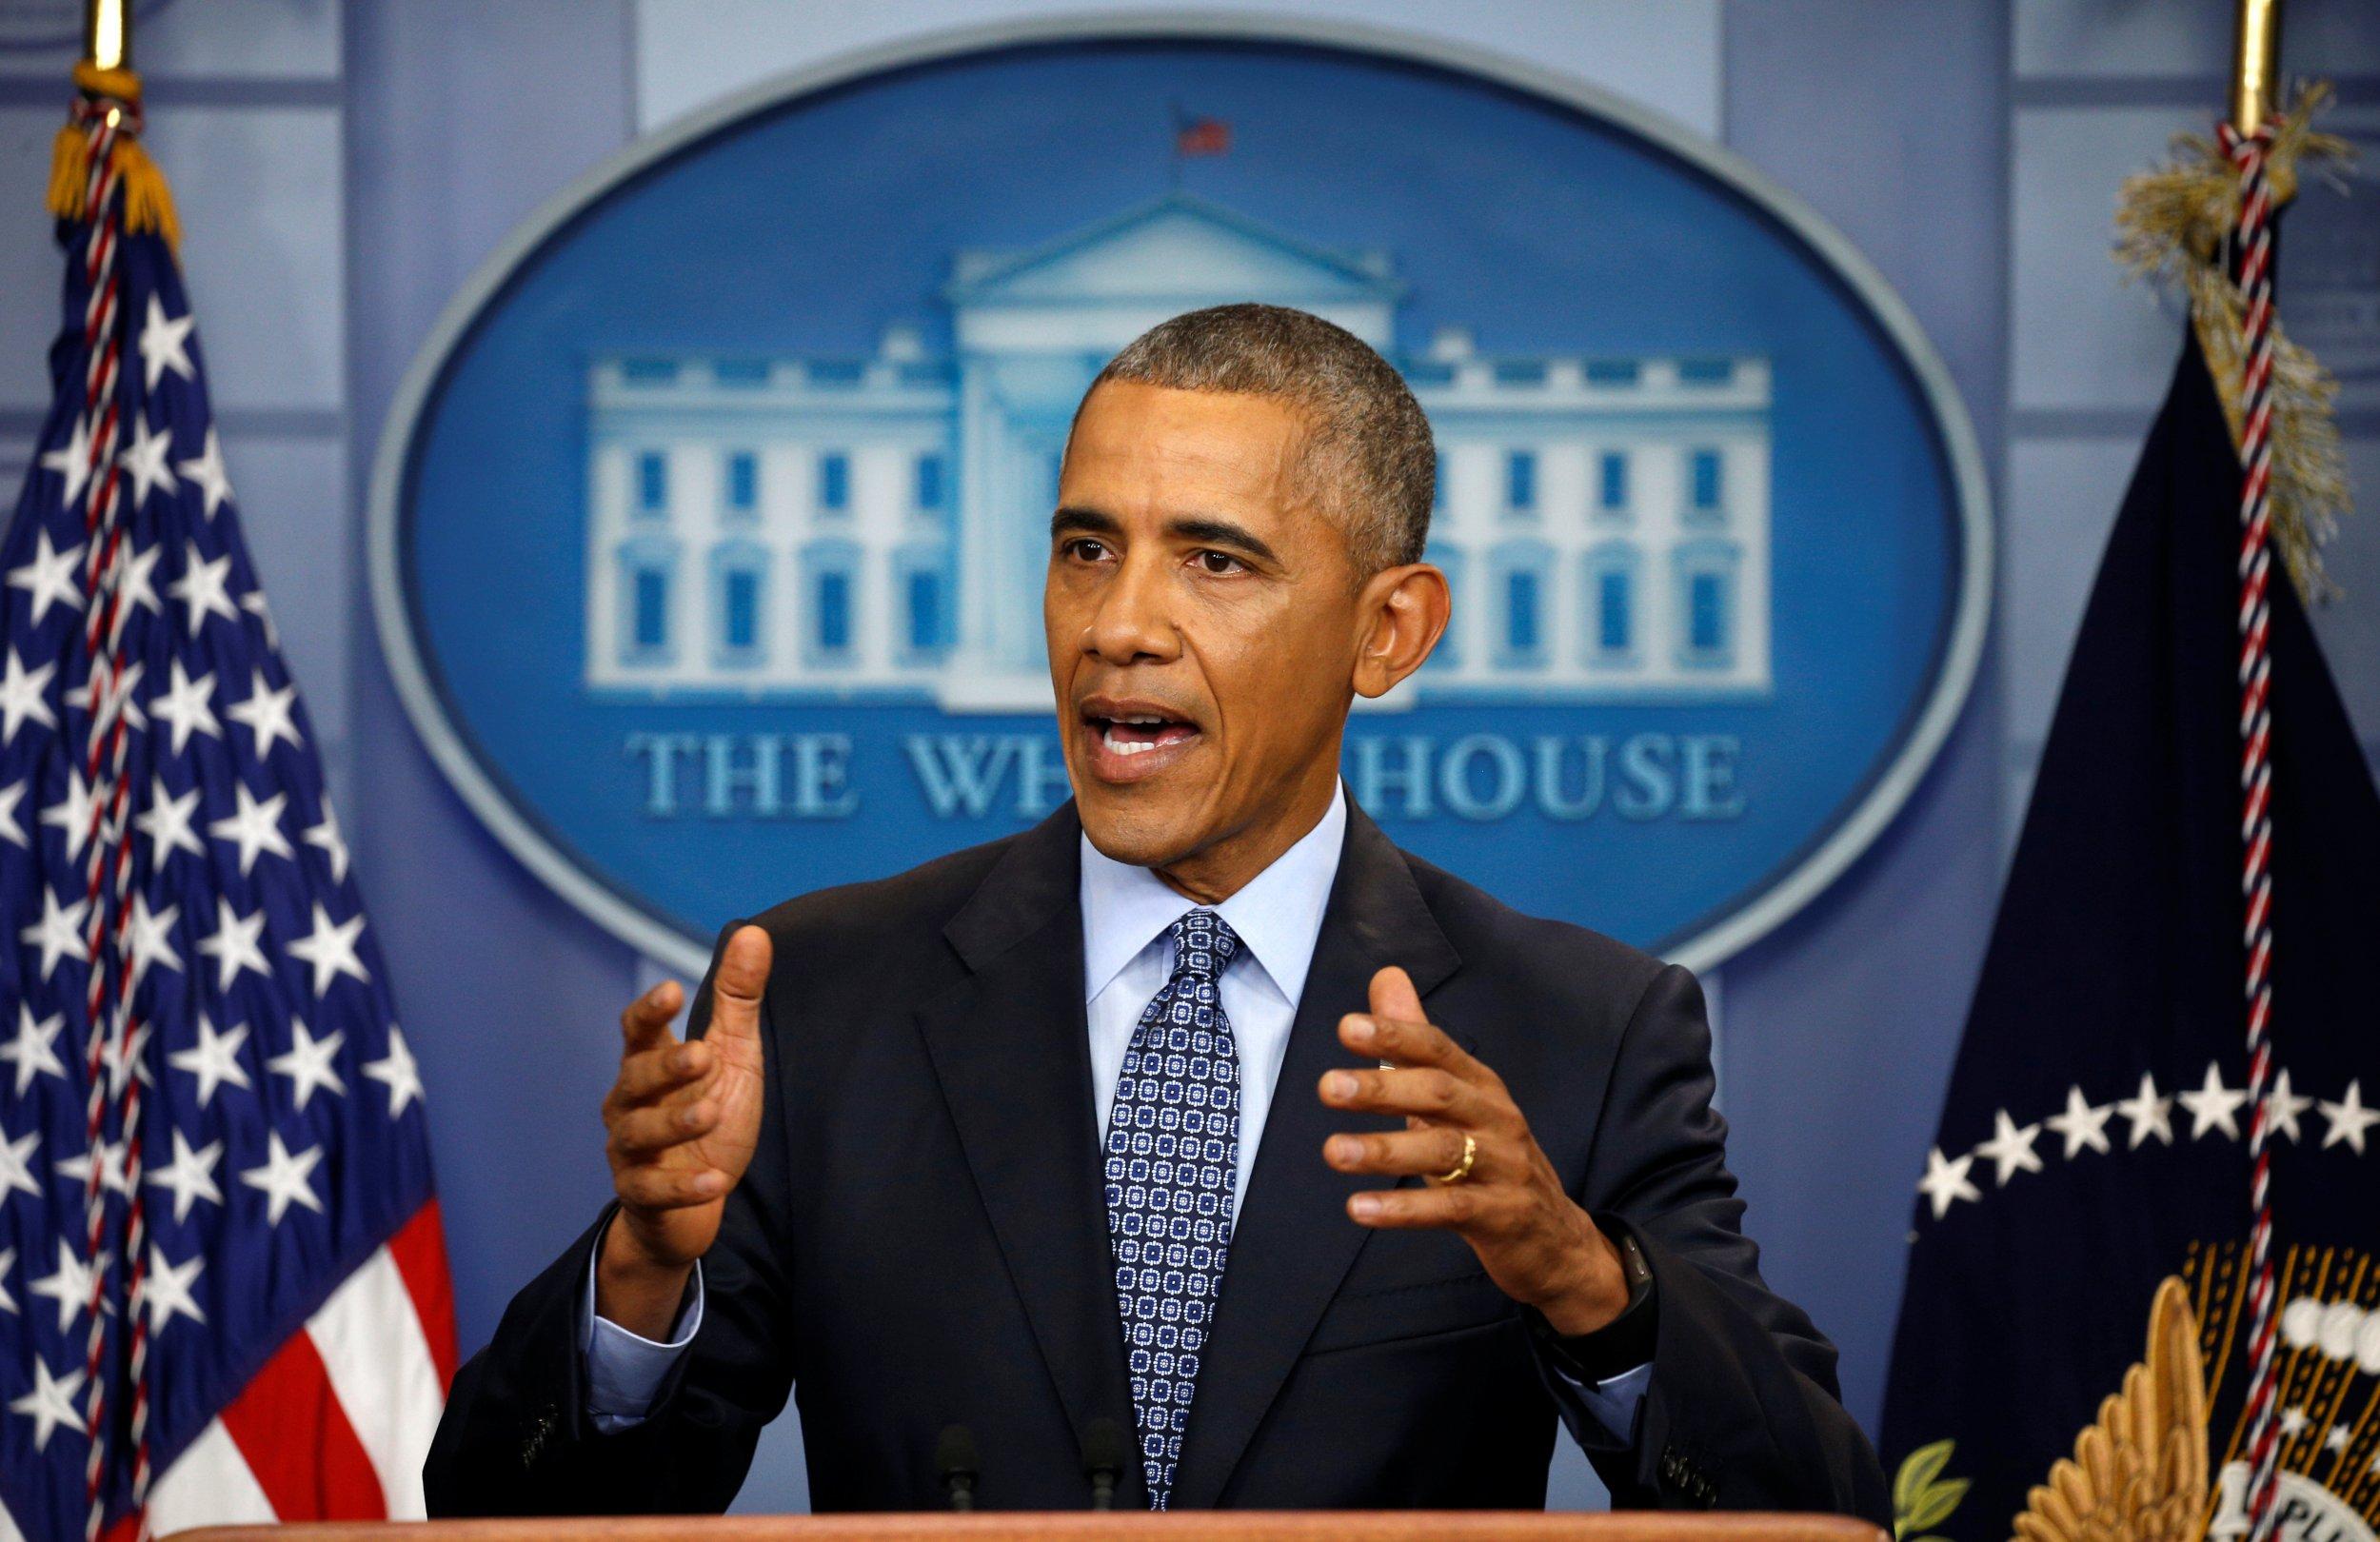 Barack Obama Final Press Conference